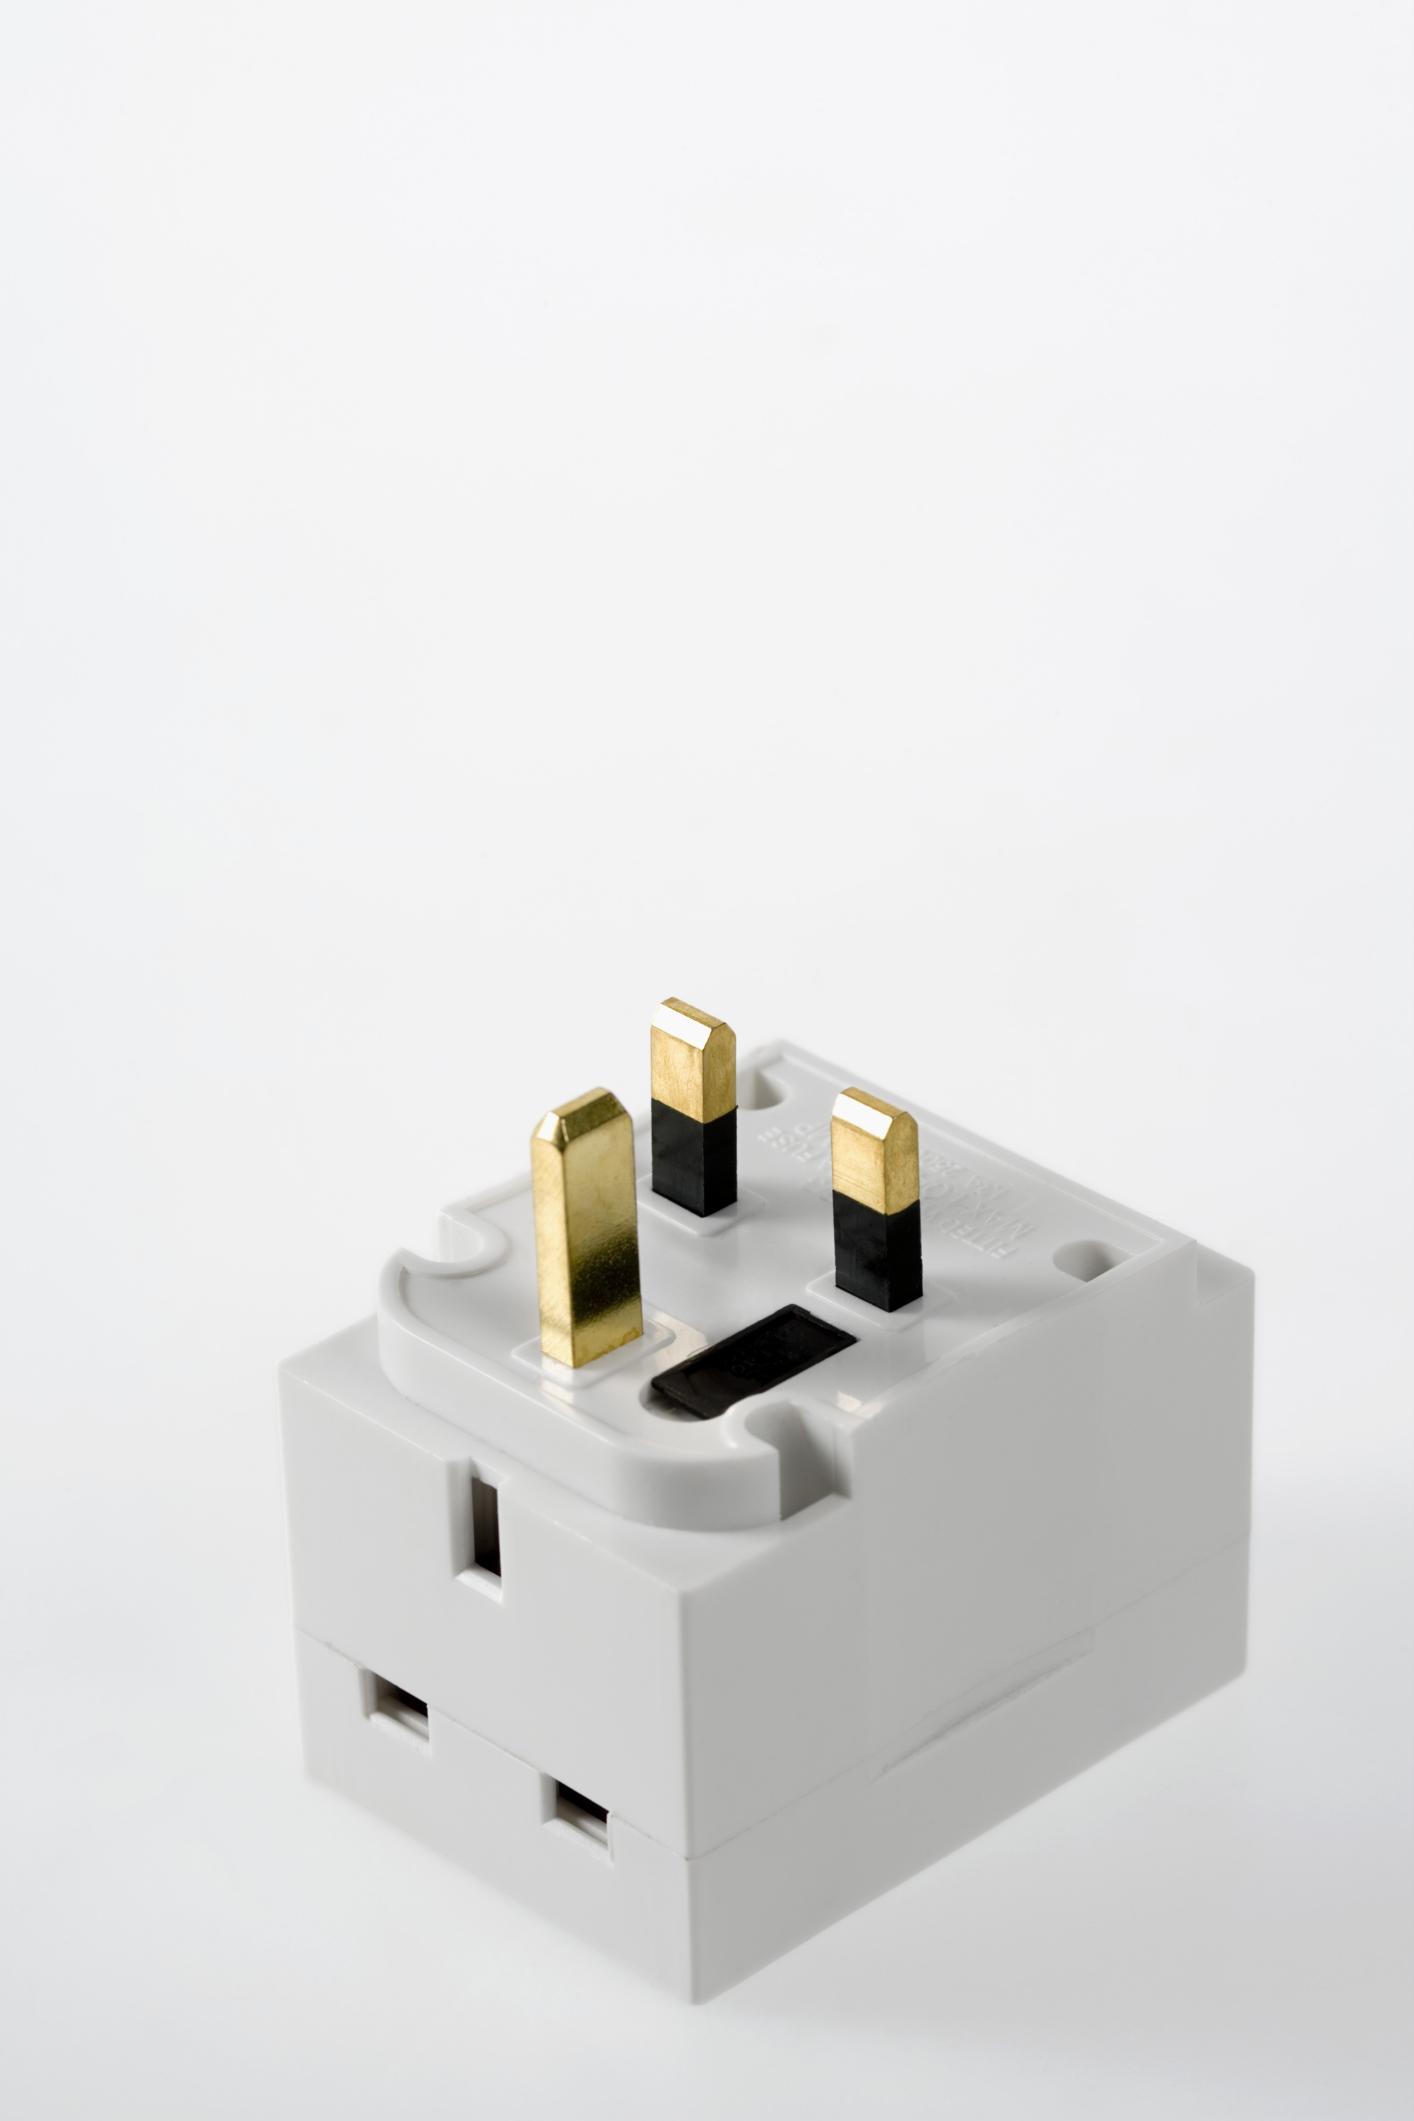 Circuito En Paralelo Ejemplos : Ejemplo de un circuito paralelo